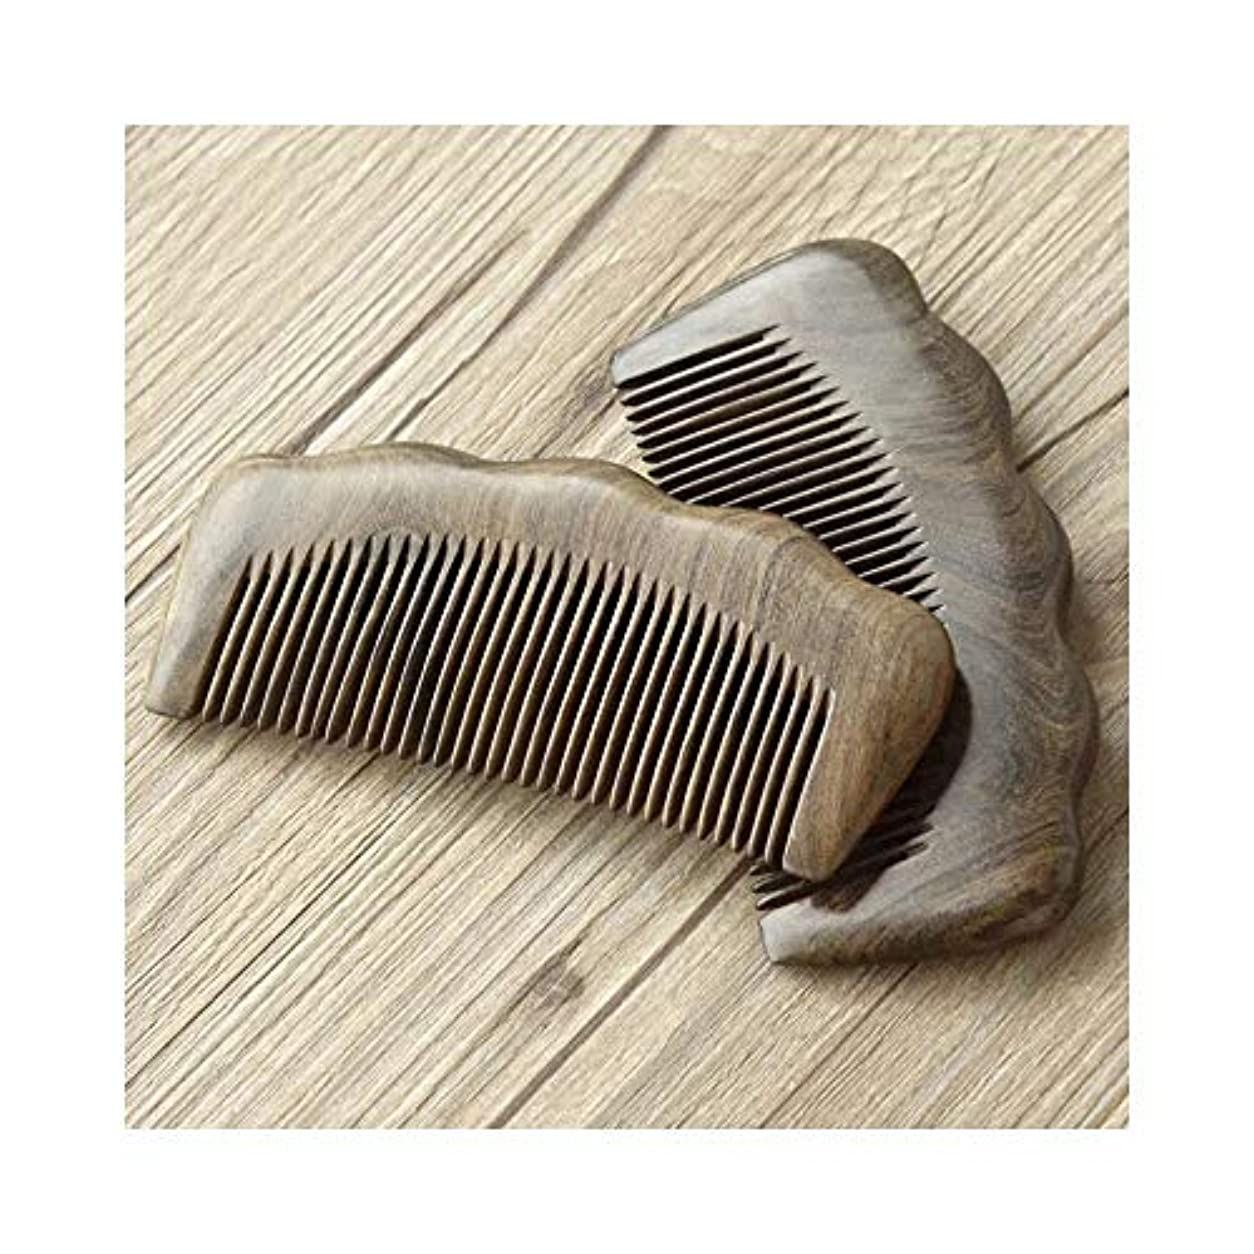 突っ込むバター宗教的なFashianナチュラルサンダルウッドコーム - 全歯と手作りの木製くし静電気防止コーム ヘアケア (色 : 81247)